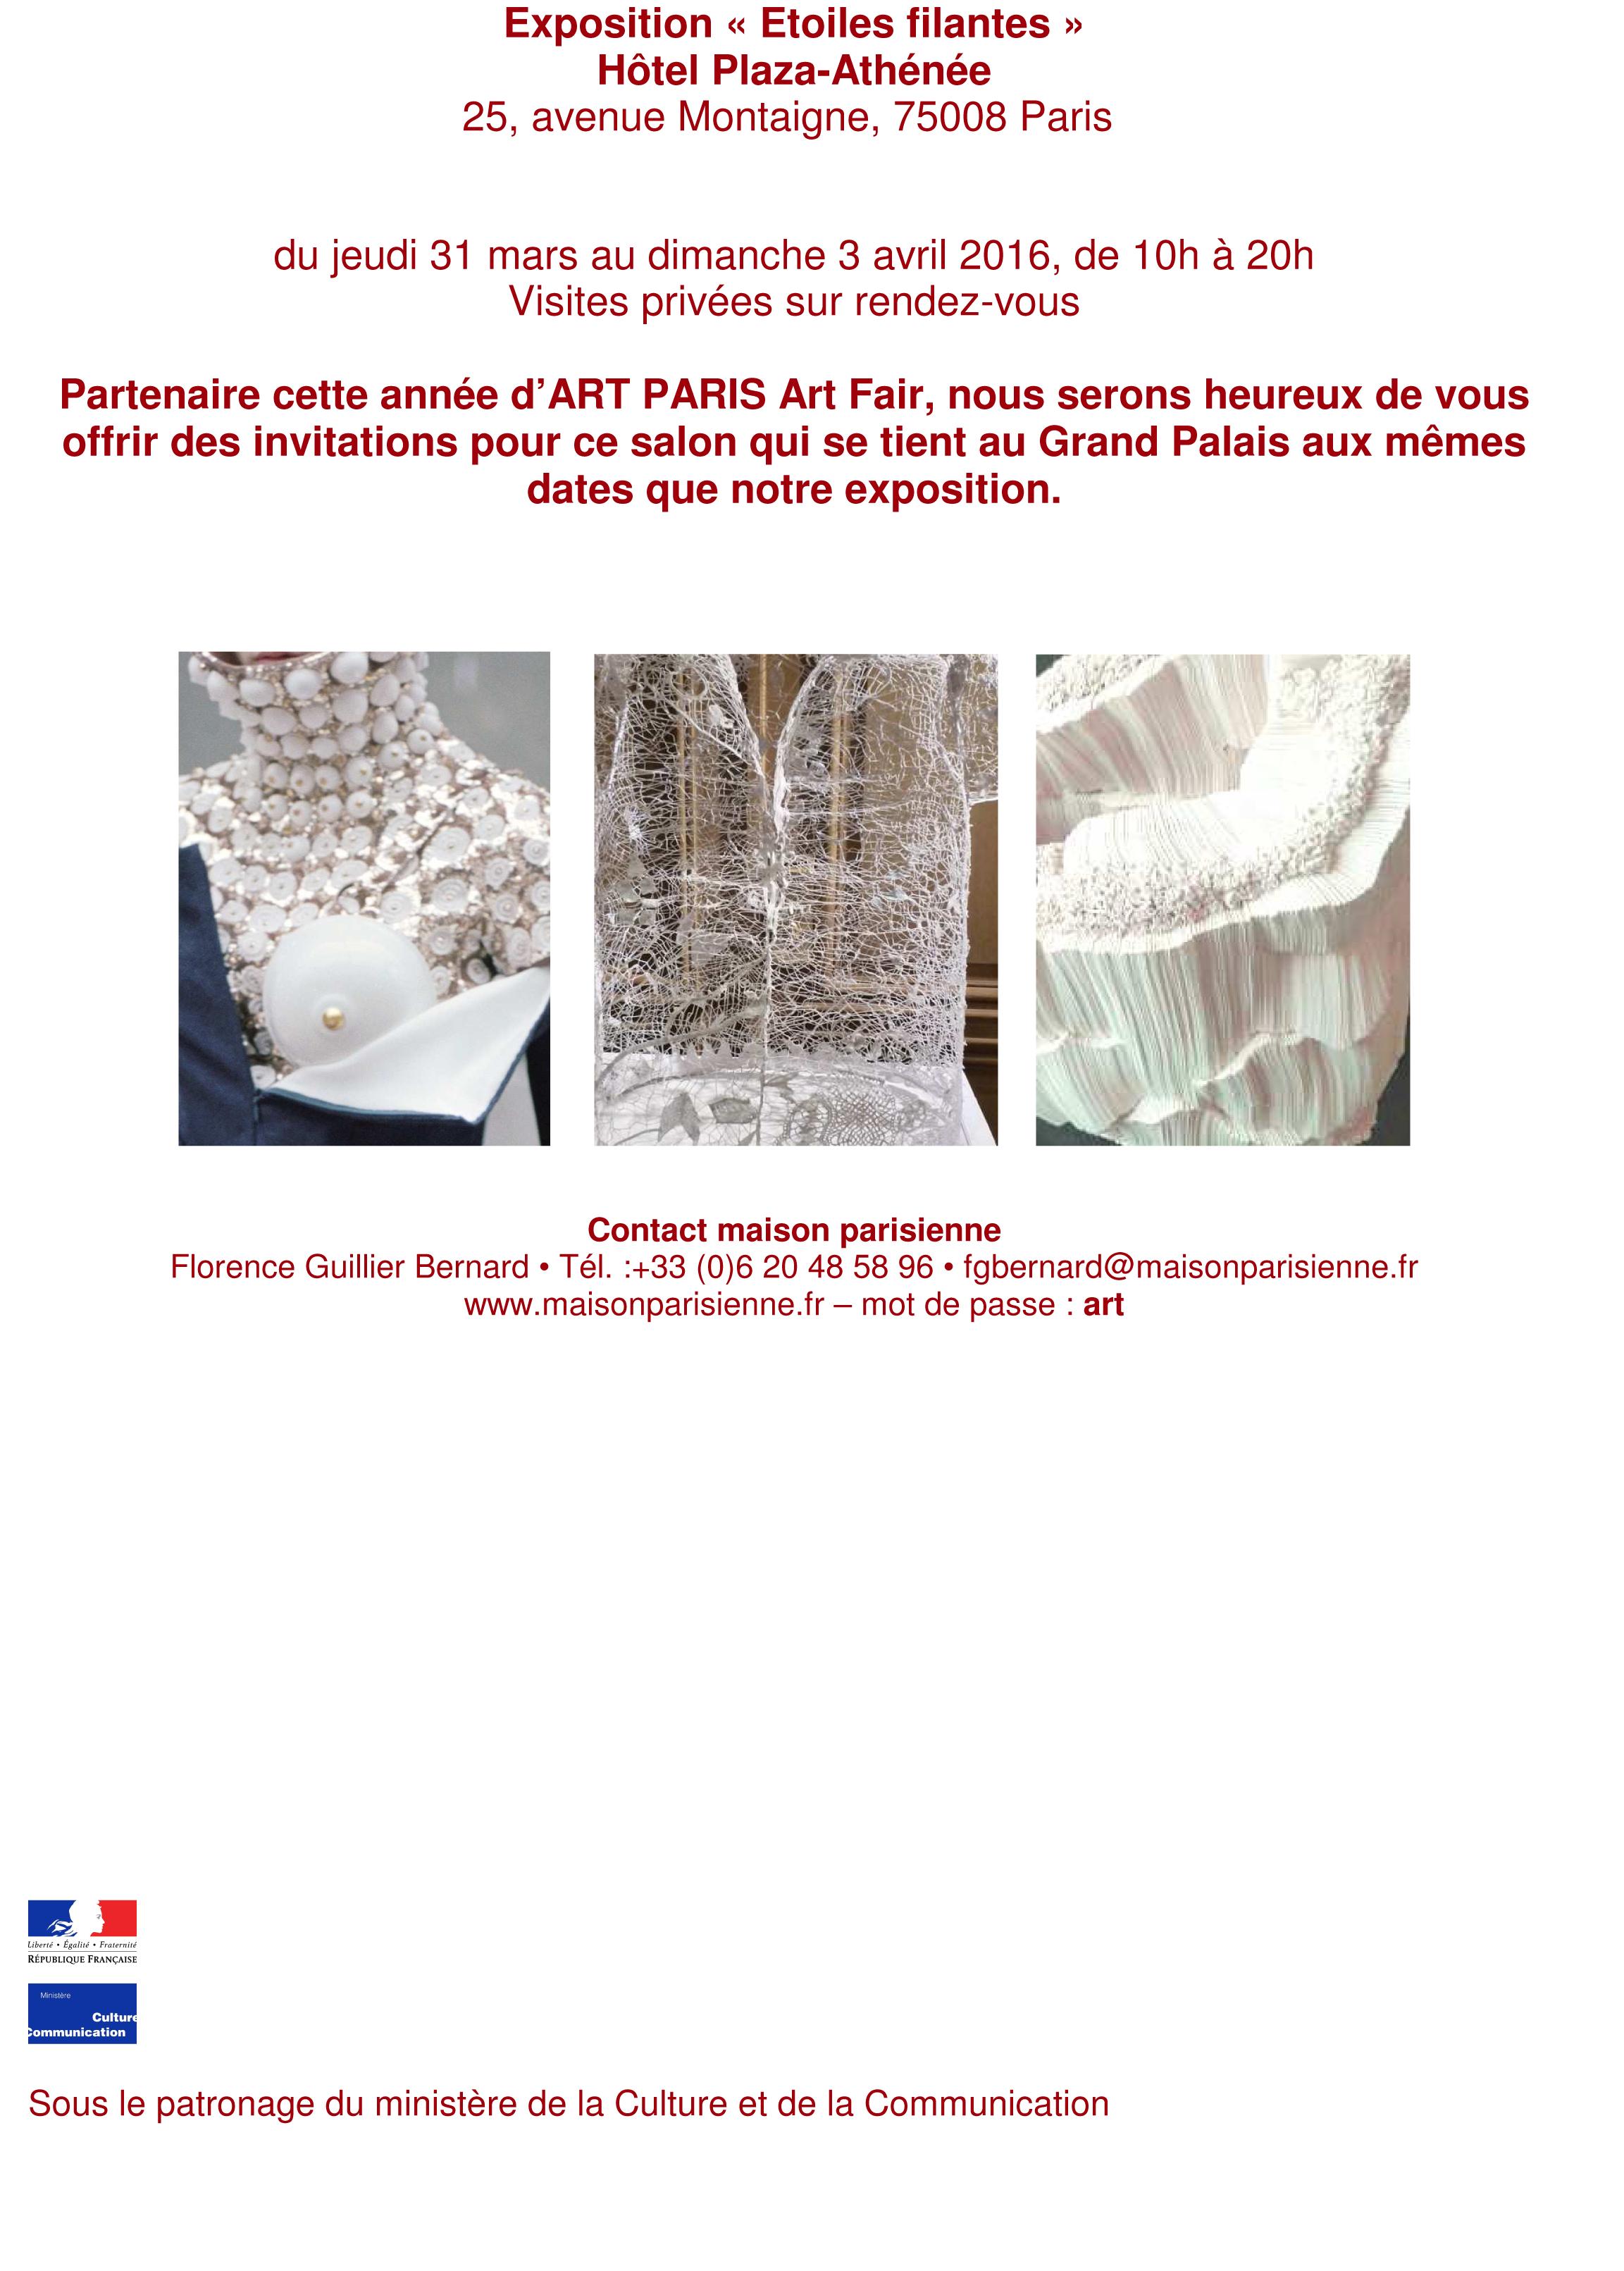 Ludovic AVENEL : ébéniste créateur - Communiqué Etoiles Filantes Plaza Athénée